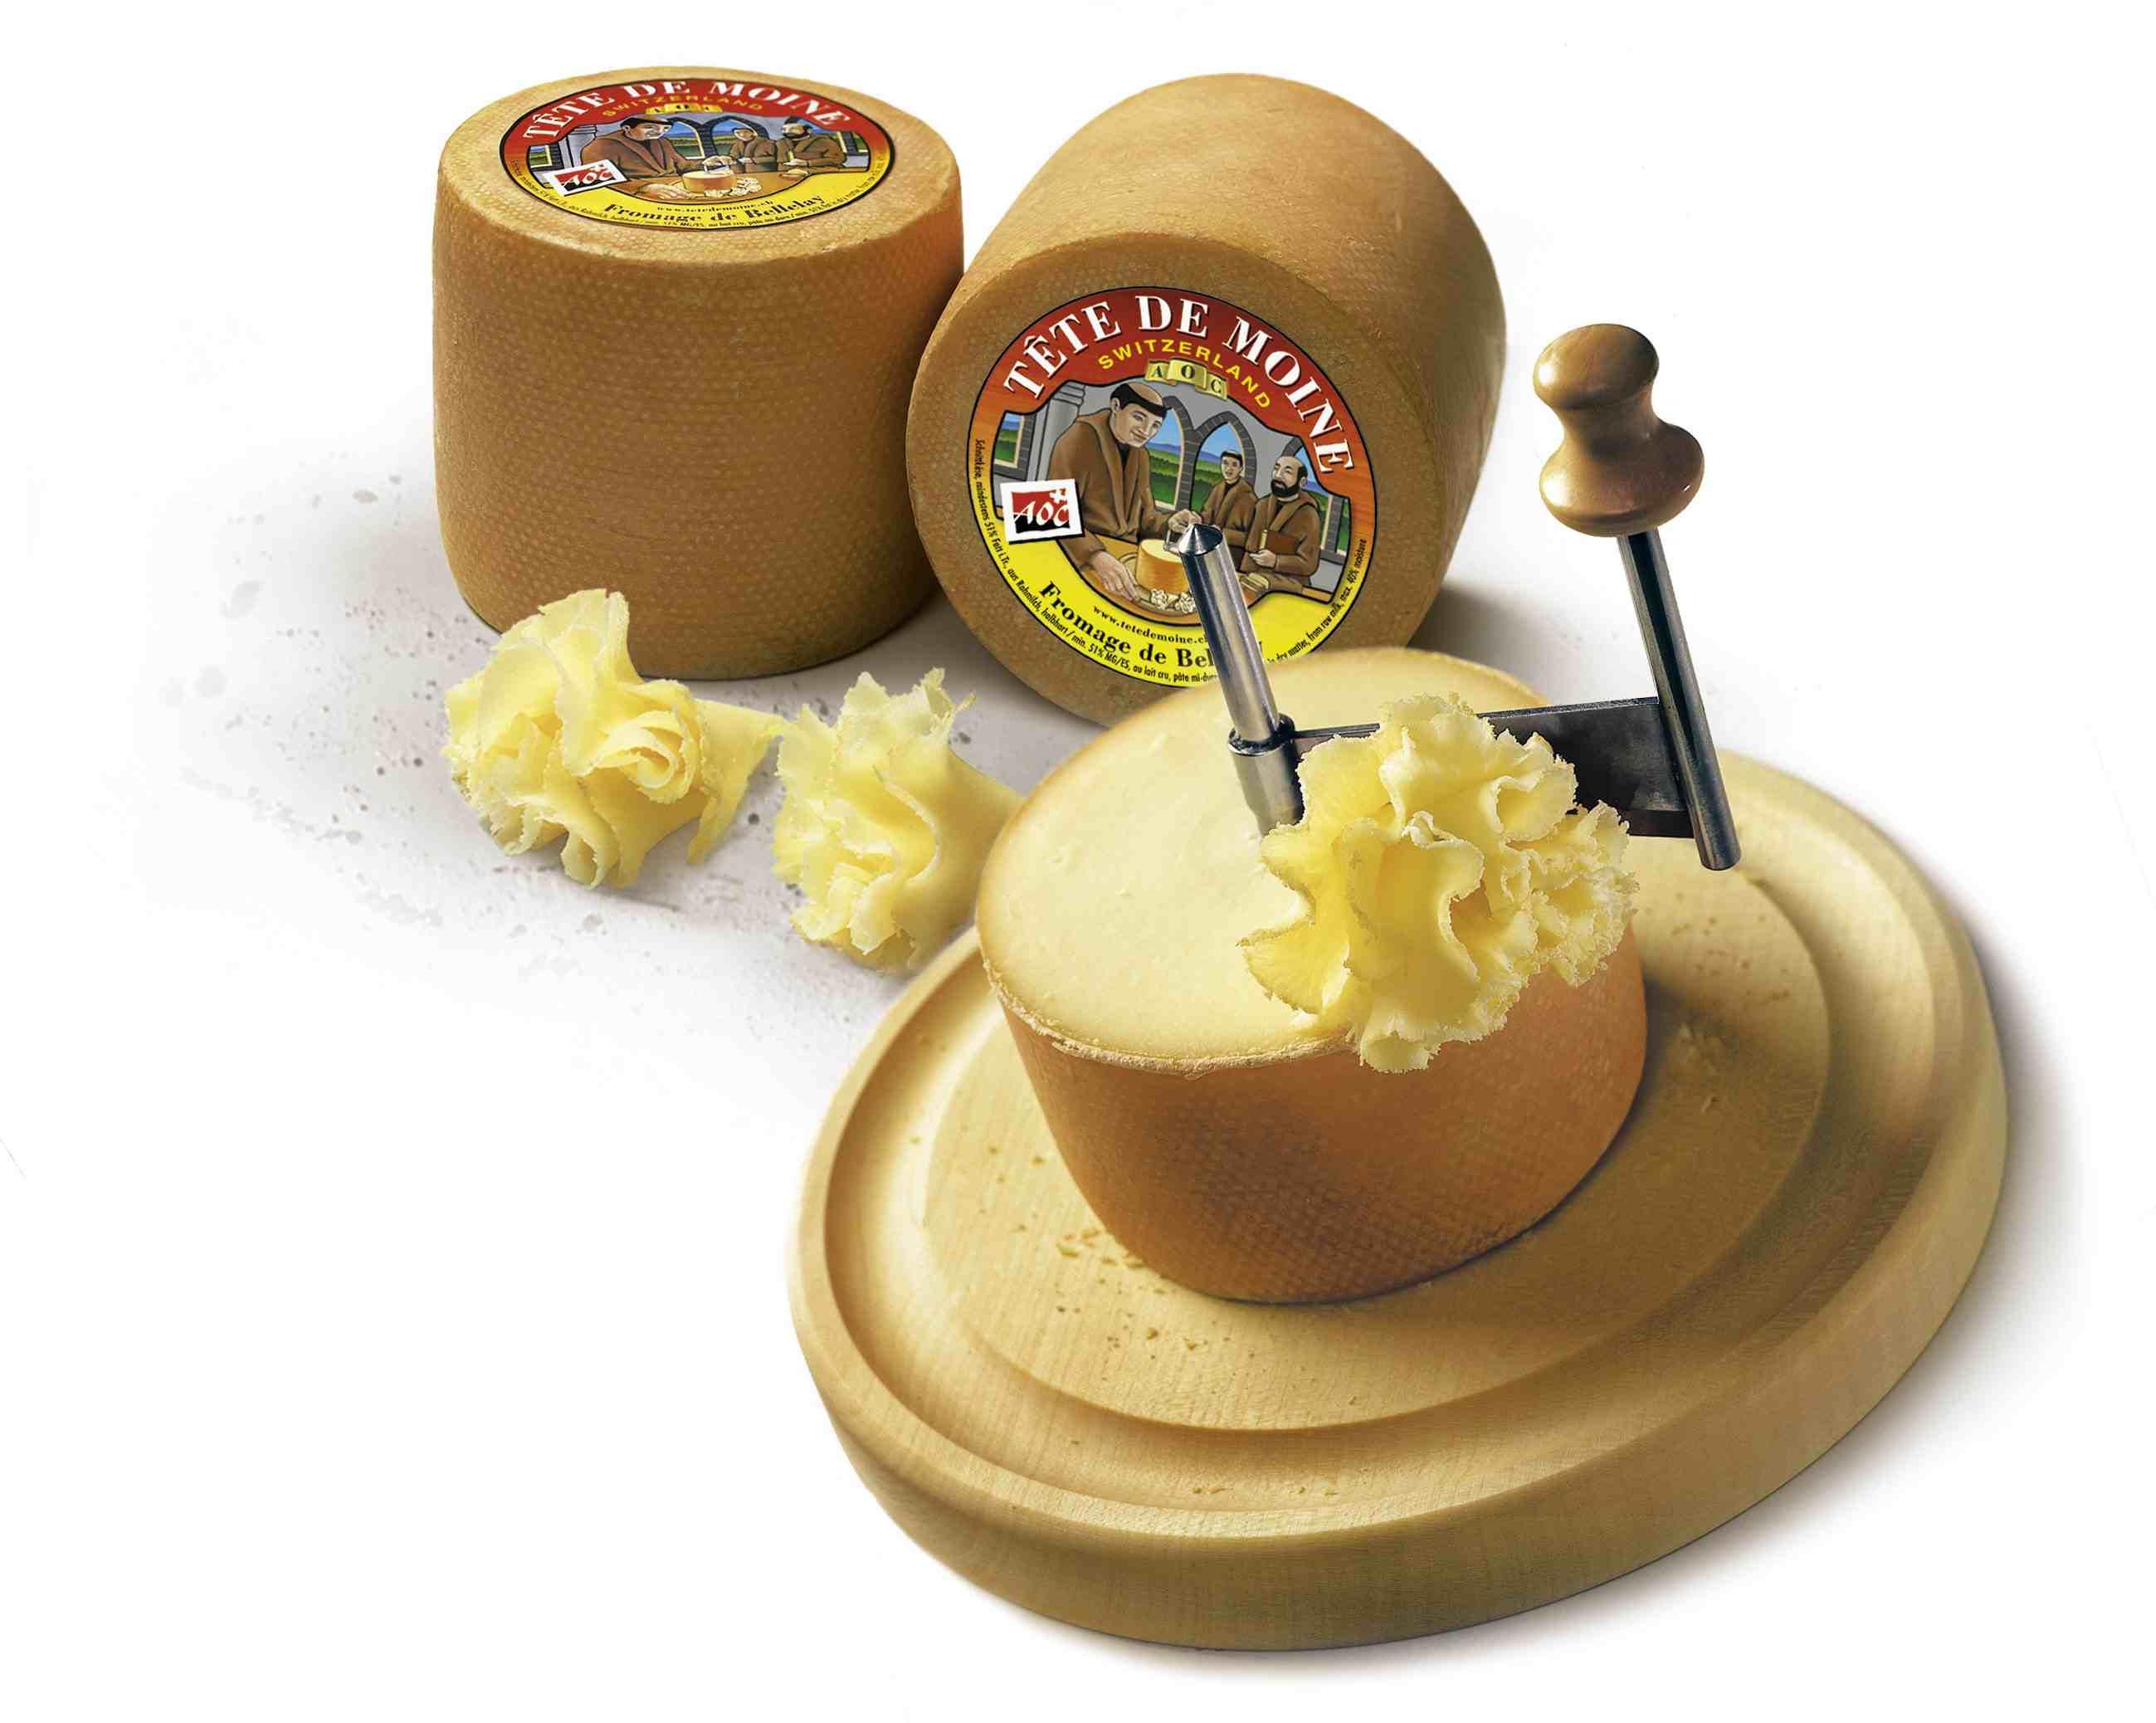 Tête de Moine on cheese round slicer.